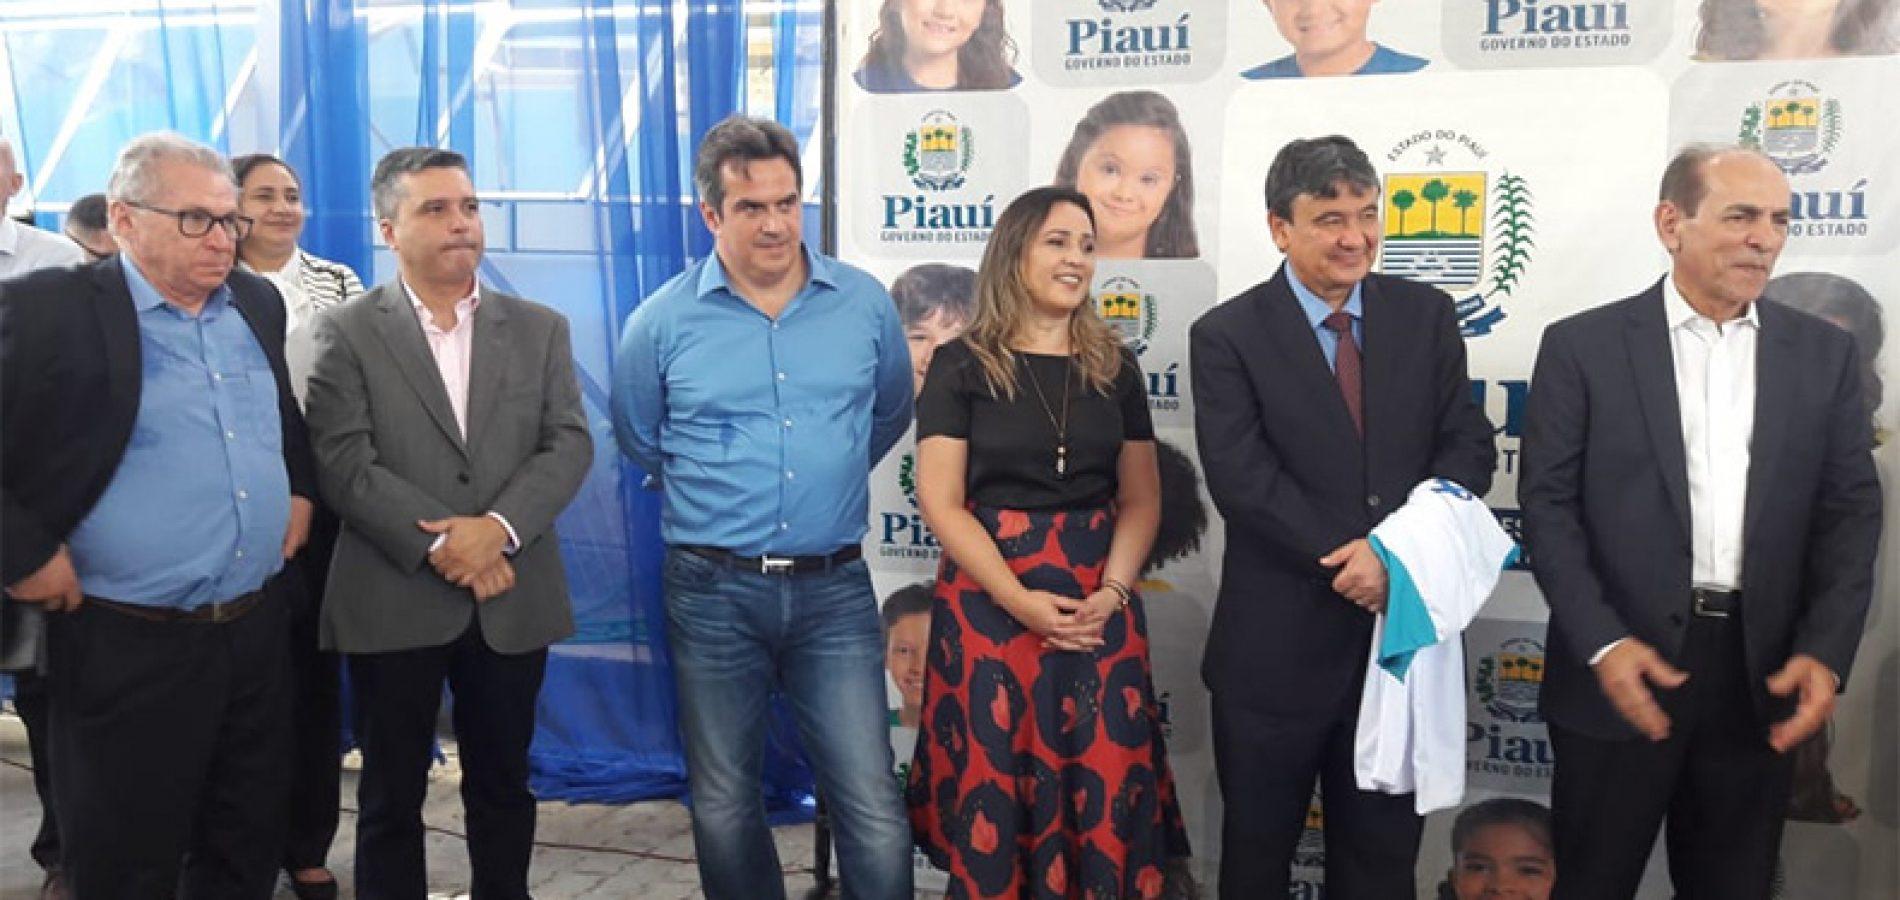 Bancada do Piauí comemora decisão do STF e crê em repercussão para 2020